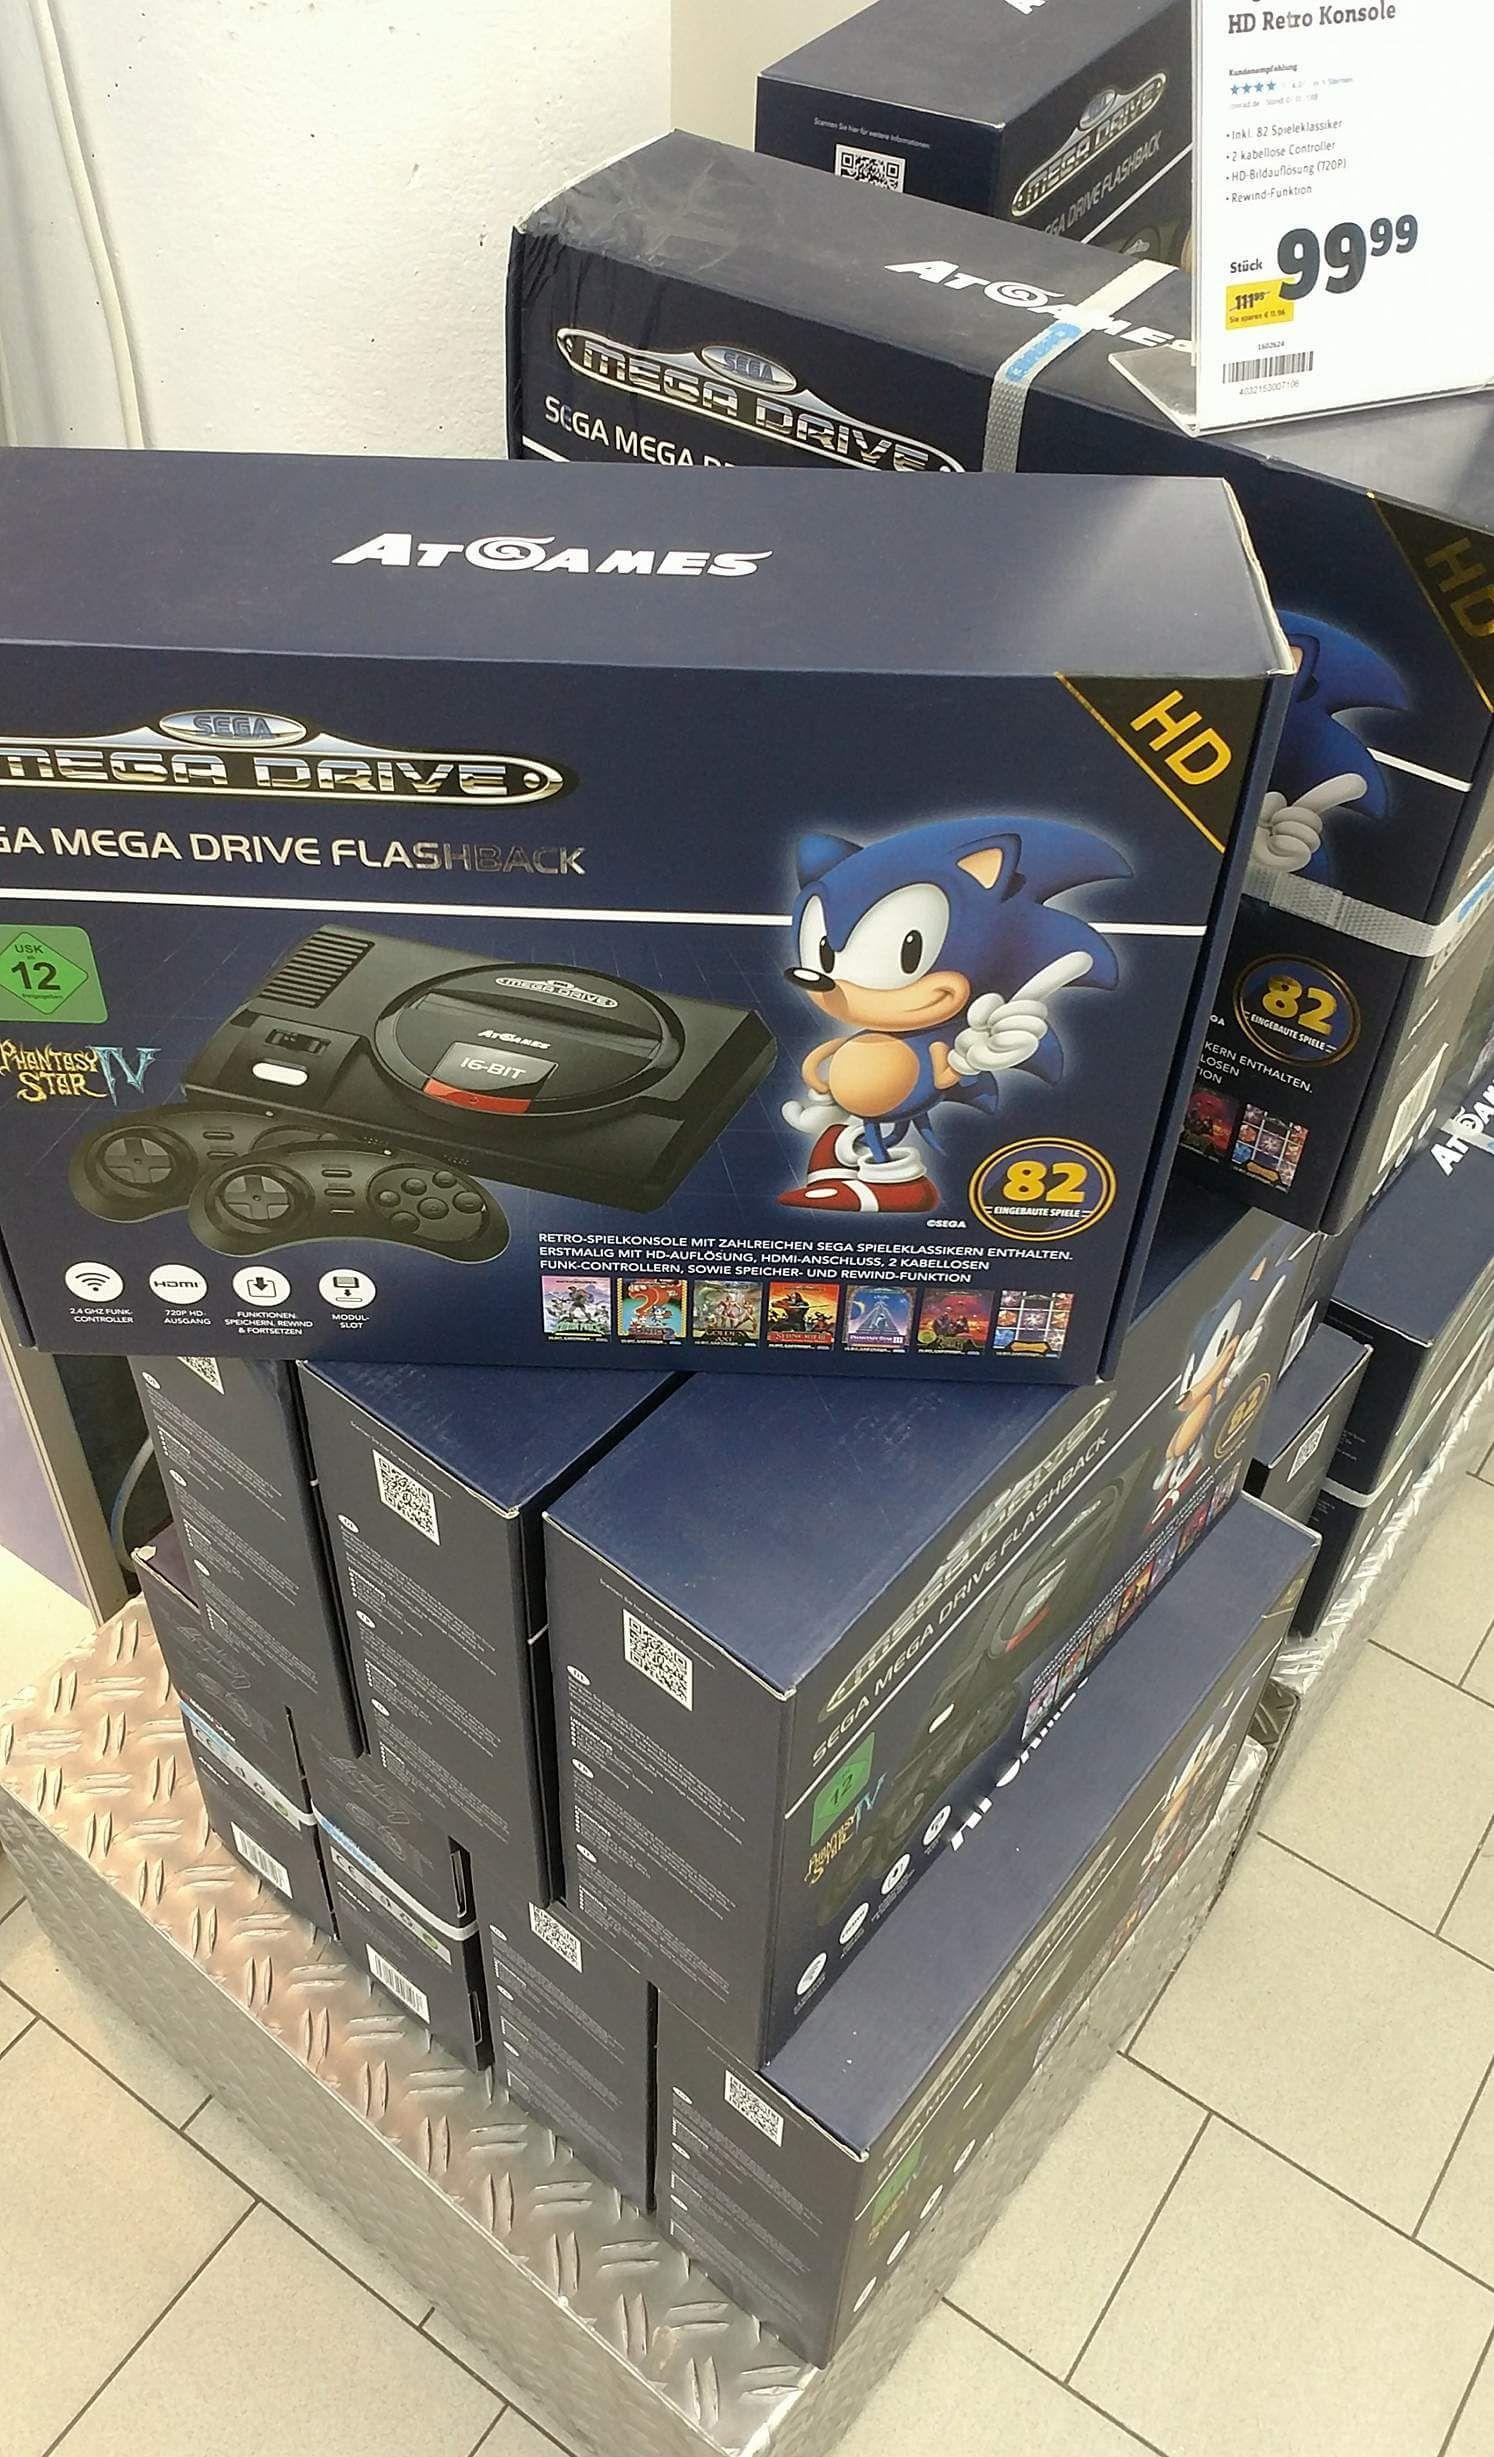 Sega Mega Drive mit 82 Games